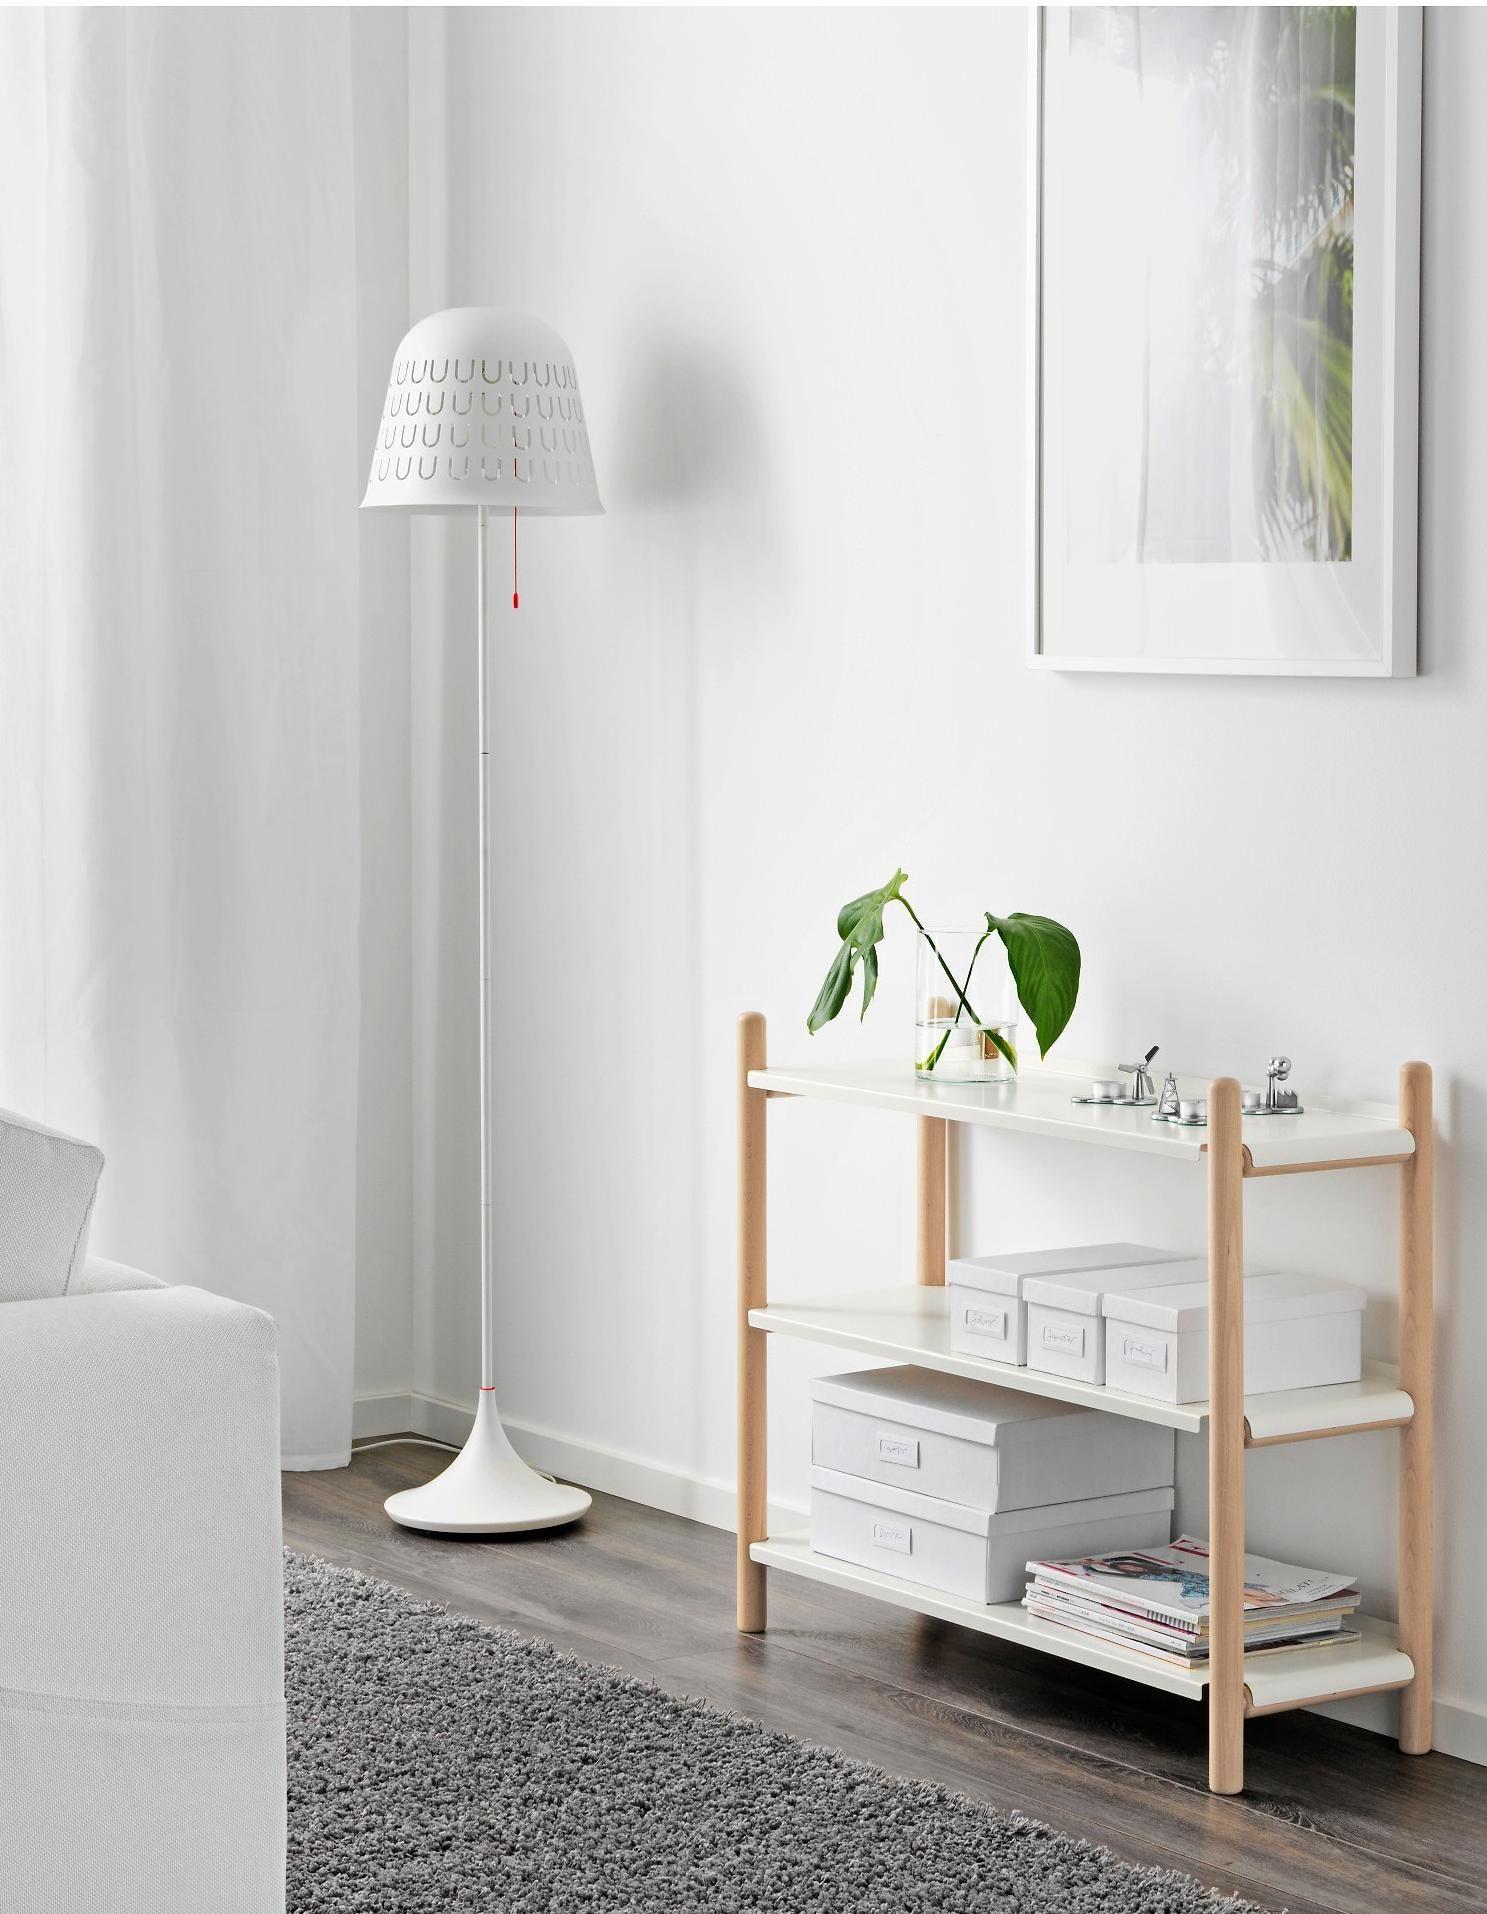 Soldes Ikea Ete 2018 5 Pieces A Shopper Elle Decoration Ikea Ps Ikea Etagere Hetre